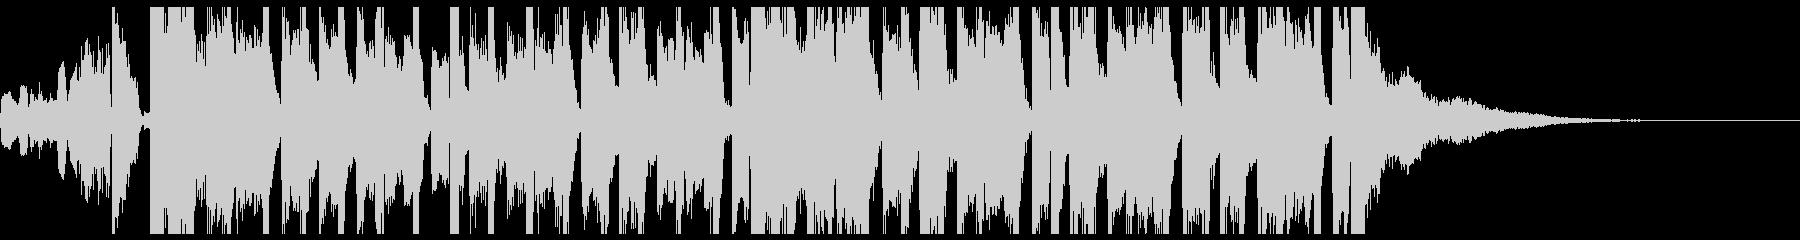 ファンキーで弾みあるエレクトロジングルの未再生の波形